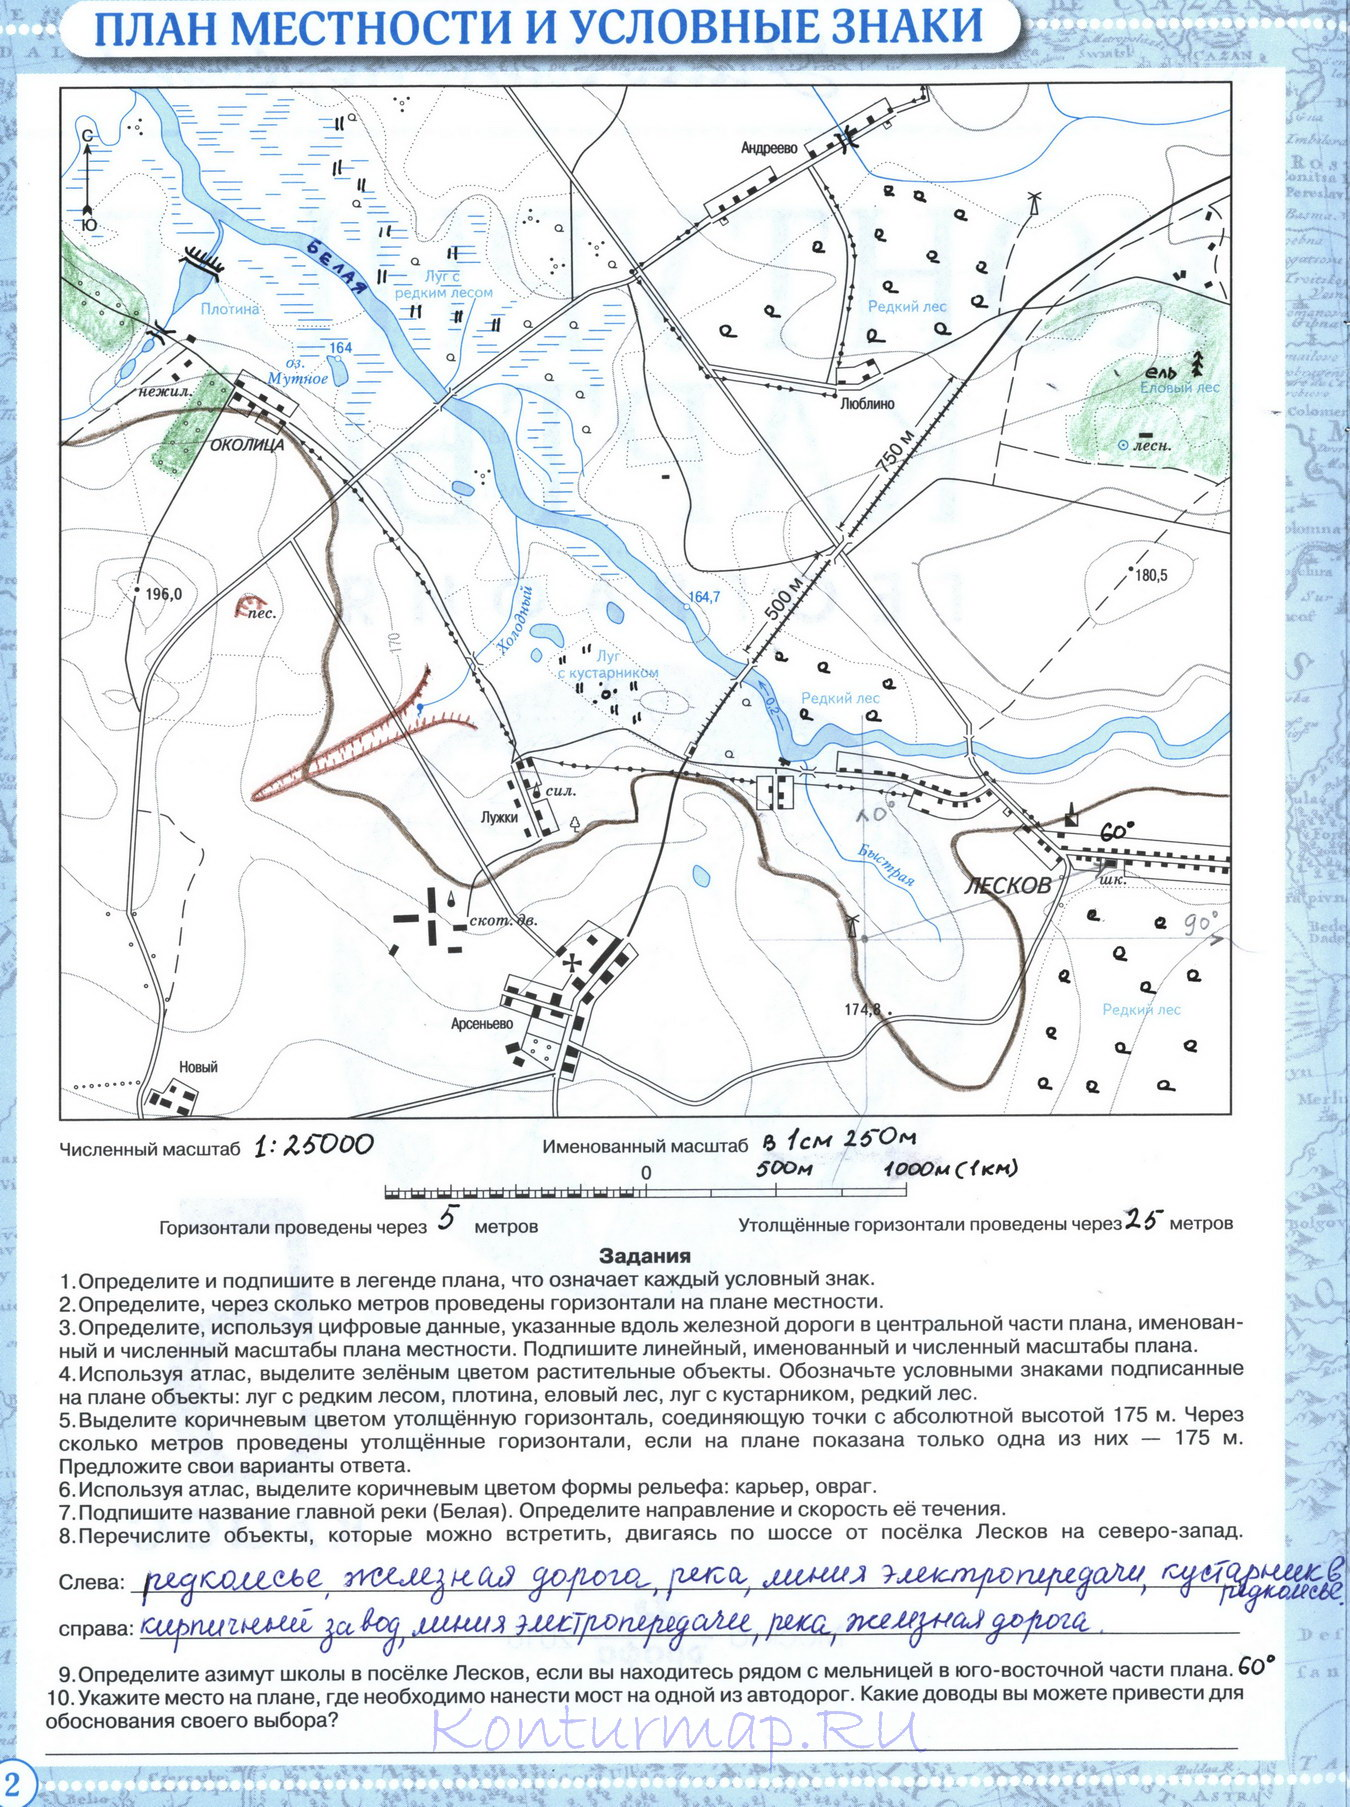 Контурная карта по географии 6 класс топографическая